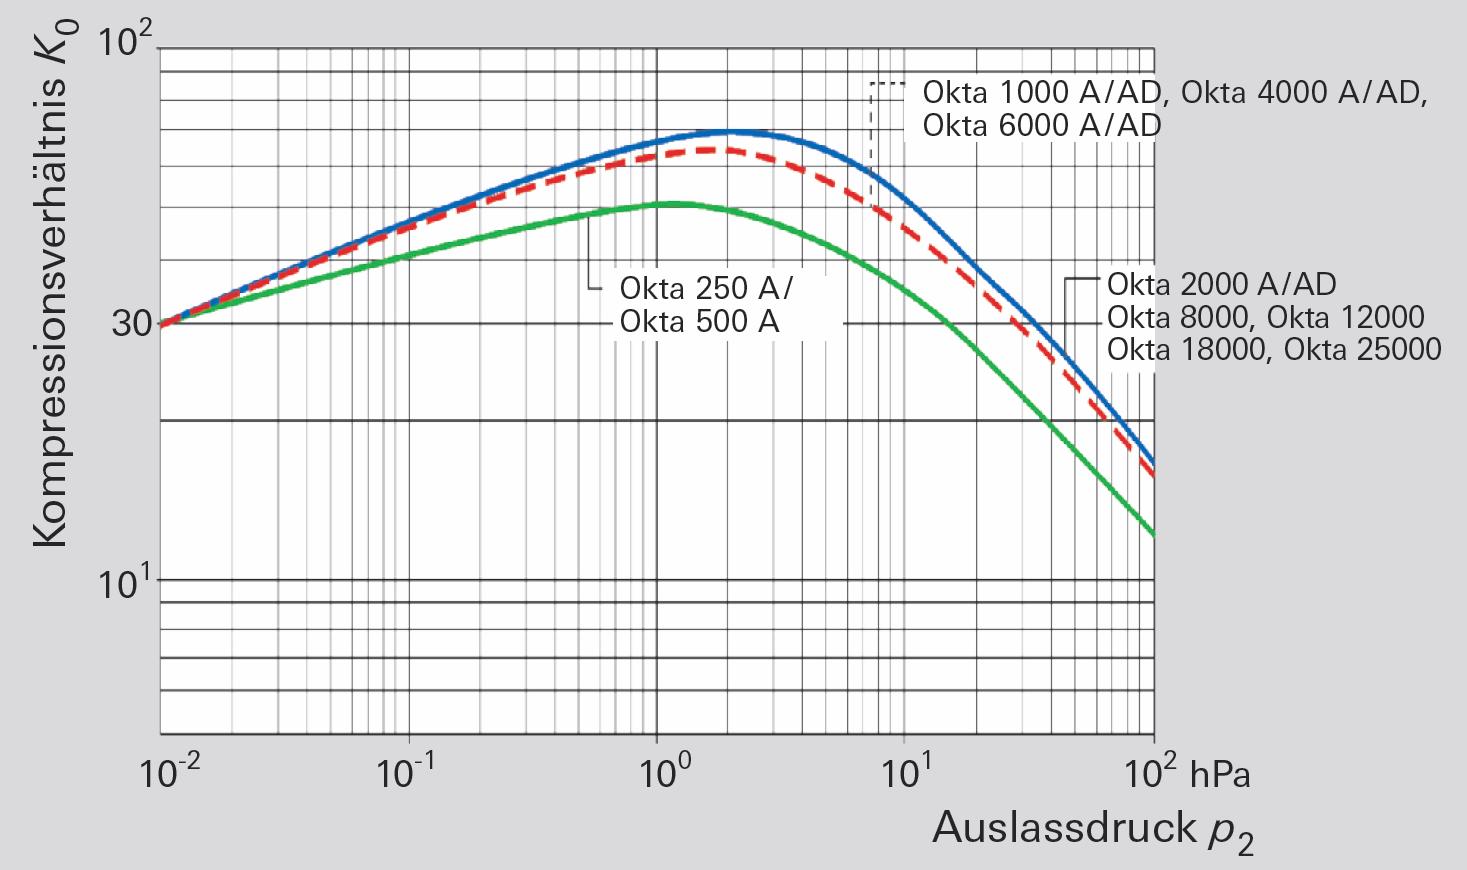 Leerlaufkompressionsverhältnis für Luft von Wälzkolbenpumpen